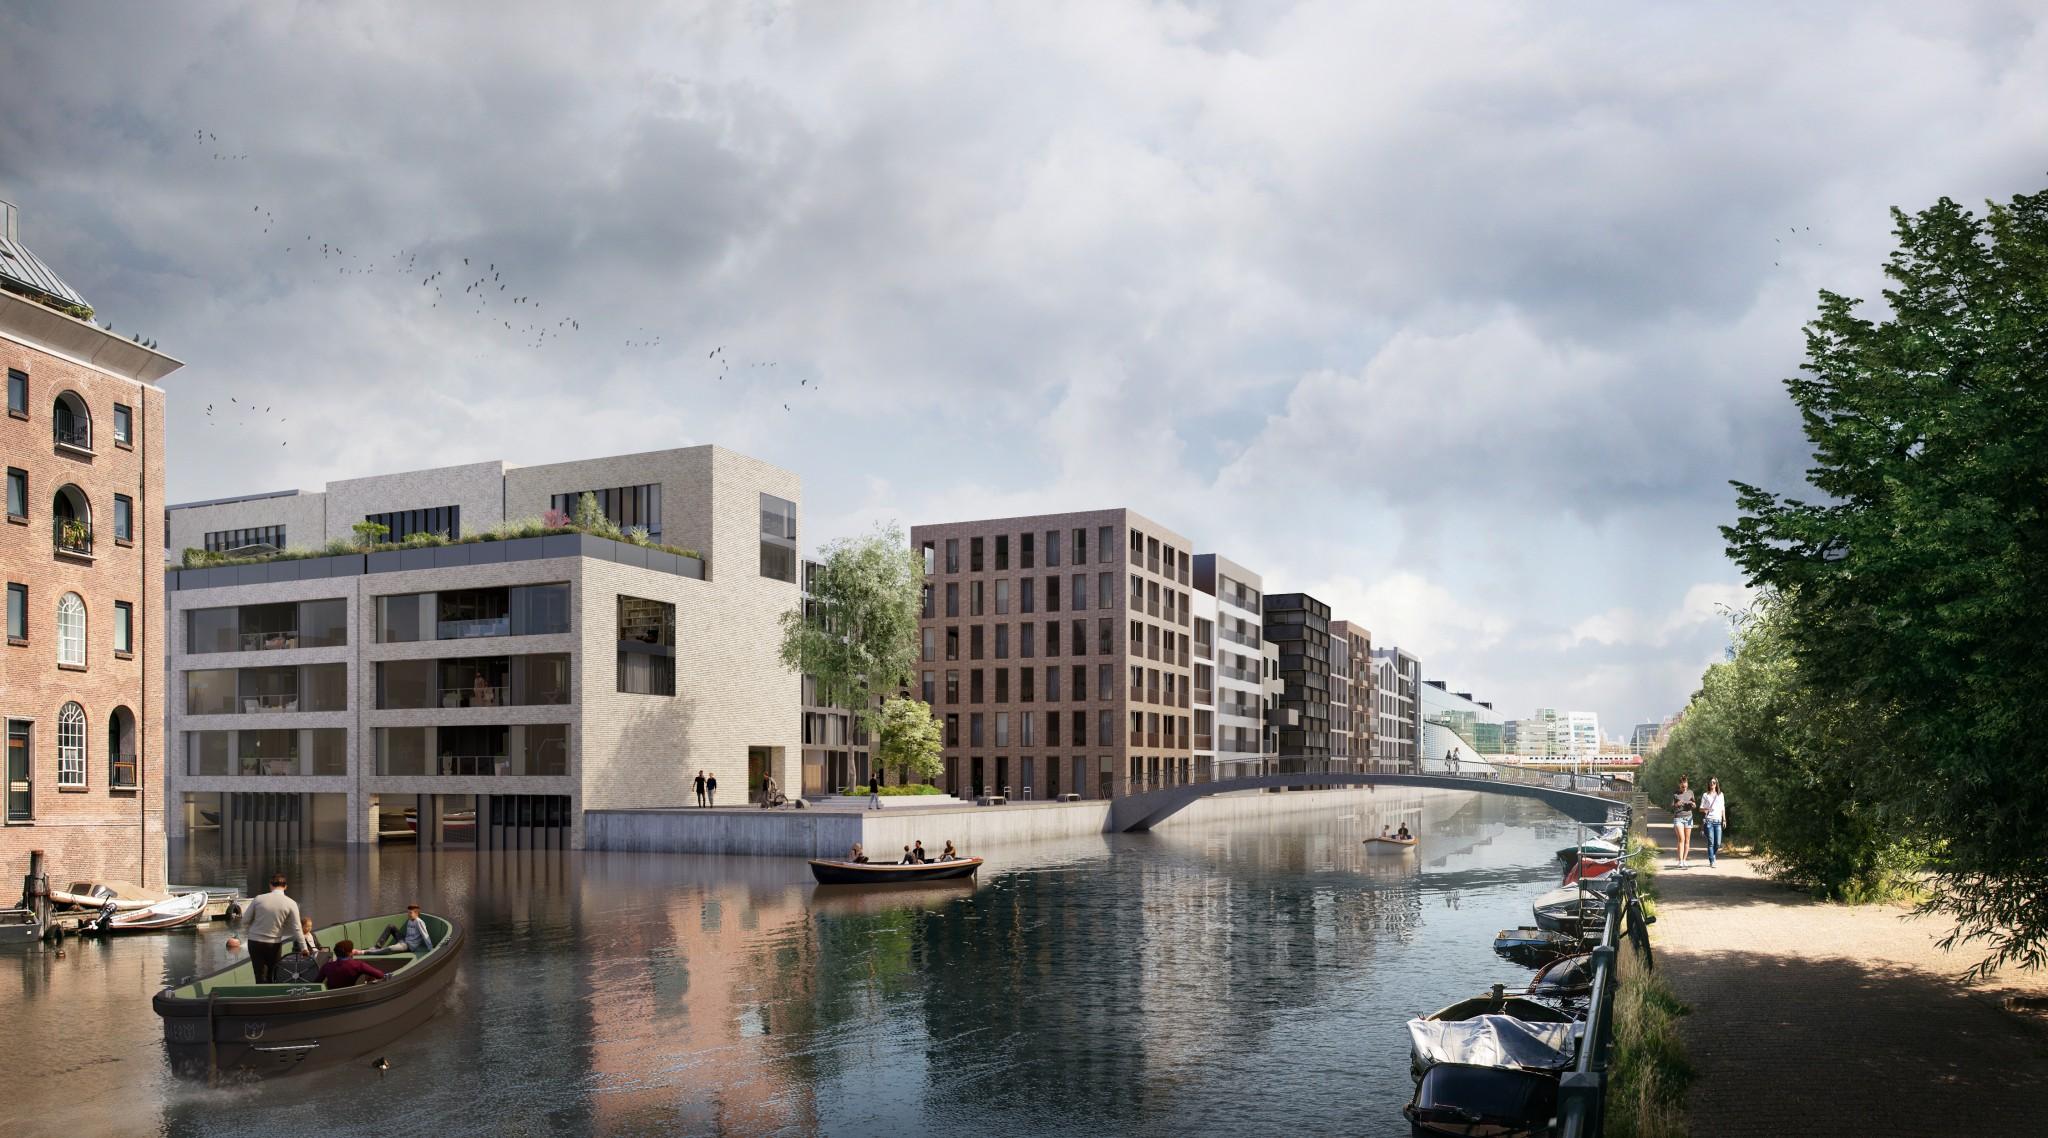 <p>plekje aan het water voor bewoners ( Paul de Ruiter/Bastiaan Jongerius/Ronald Jansen)</p>